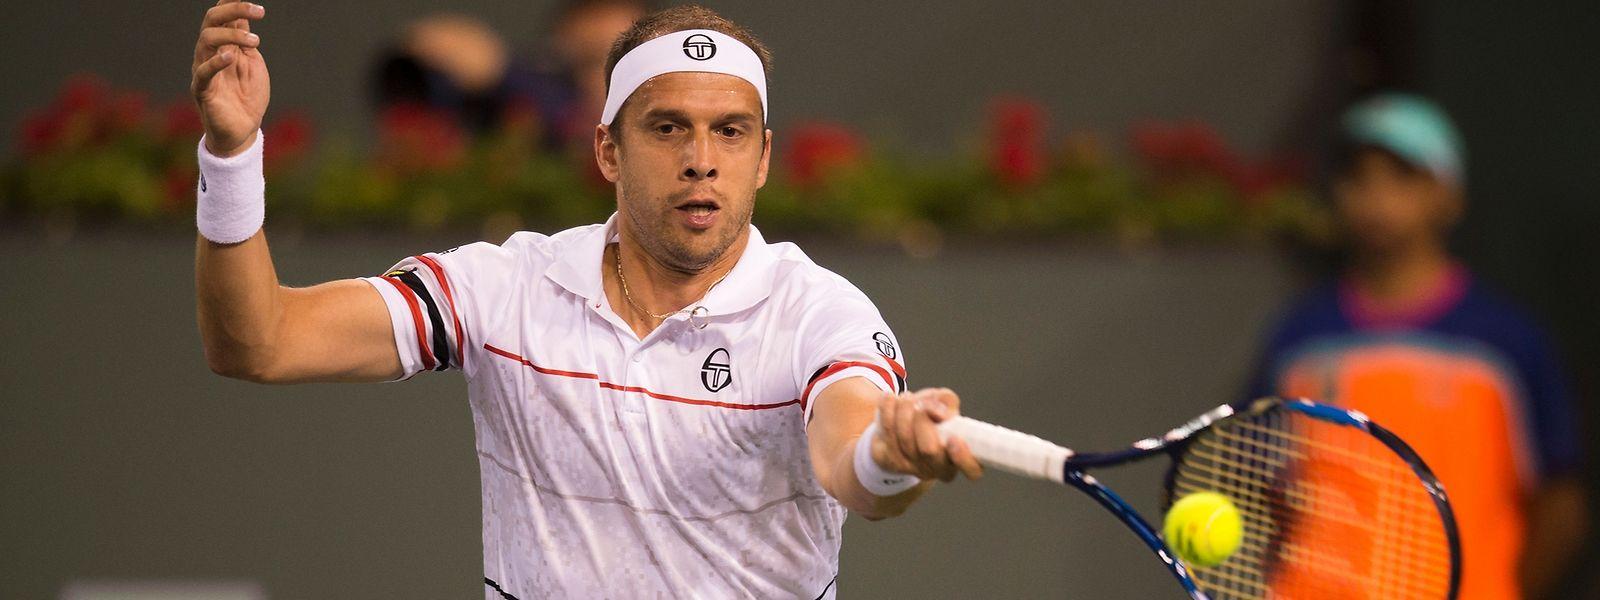 Mit viel Geduld erspielt sich Gilles Muller sein Halbfinal-Ticket.